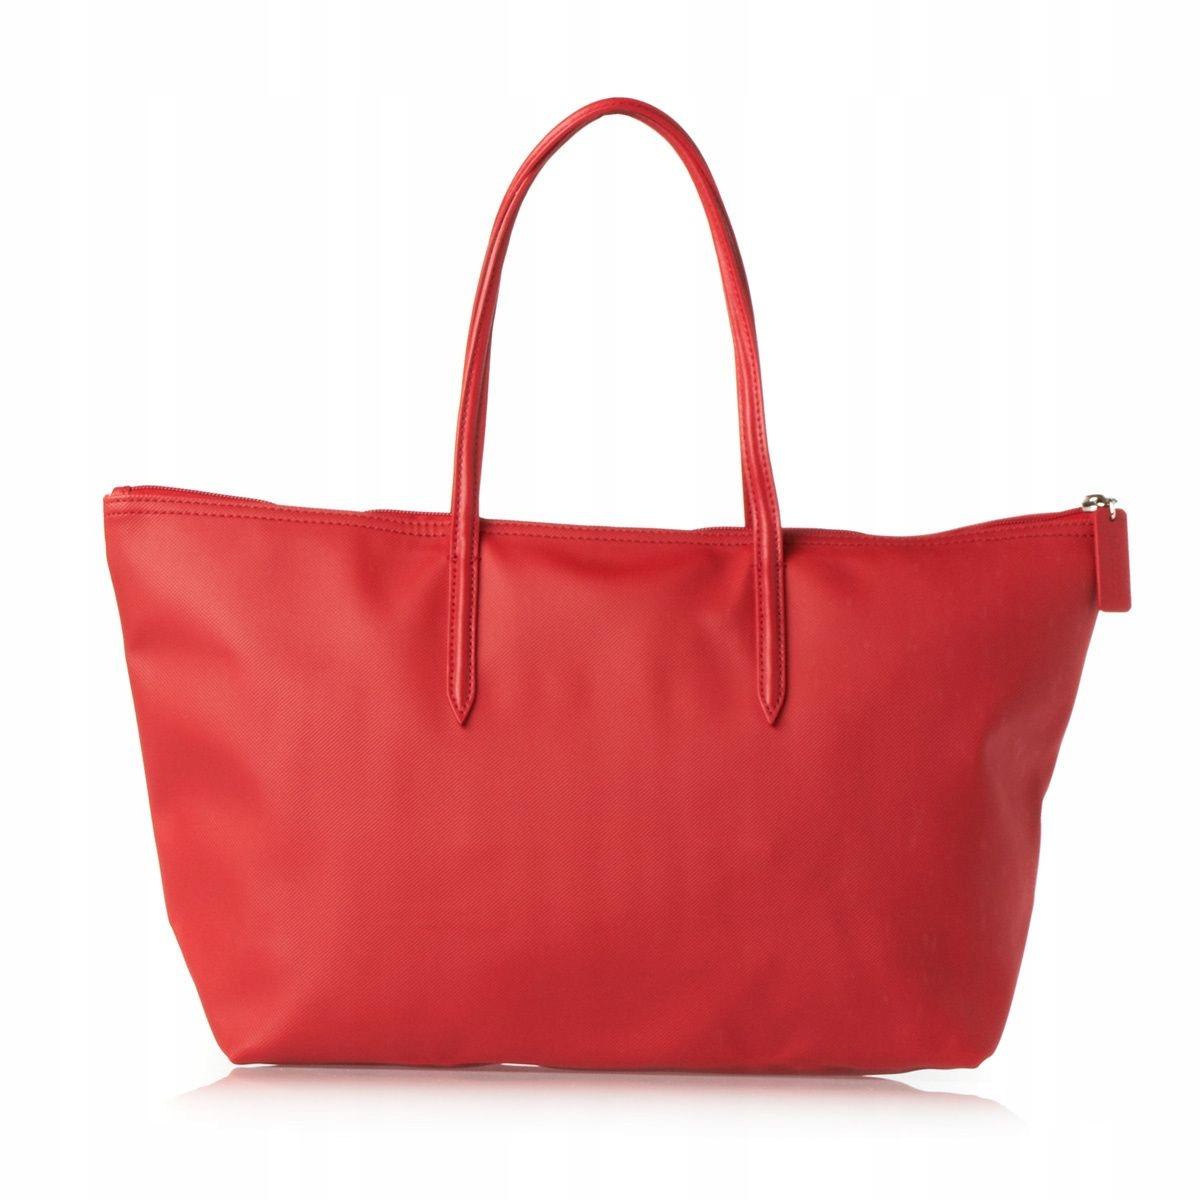 f5a227deabab4 LACOSTE torba Shopper Oryginalna z Zalando - 7581668187 - oficjalne ...